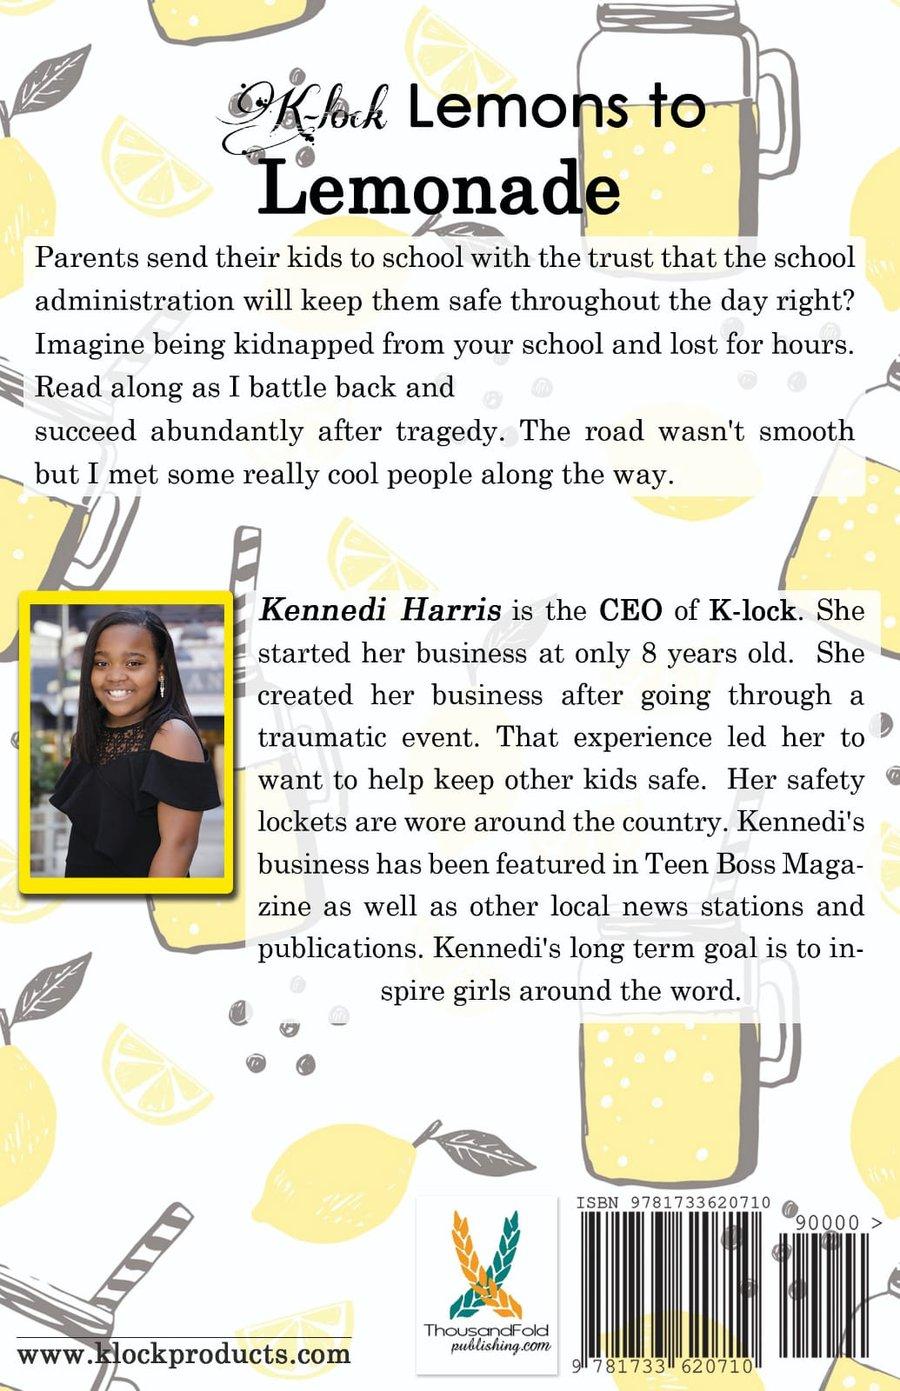 Image of K-lock Lemons to Lemonade Book